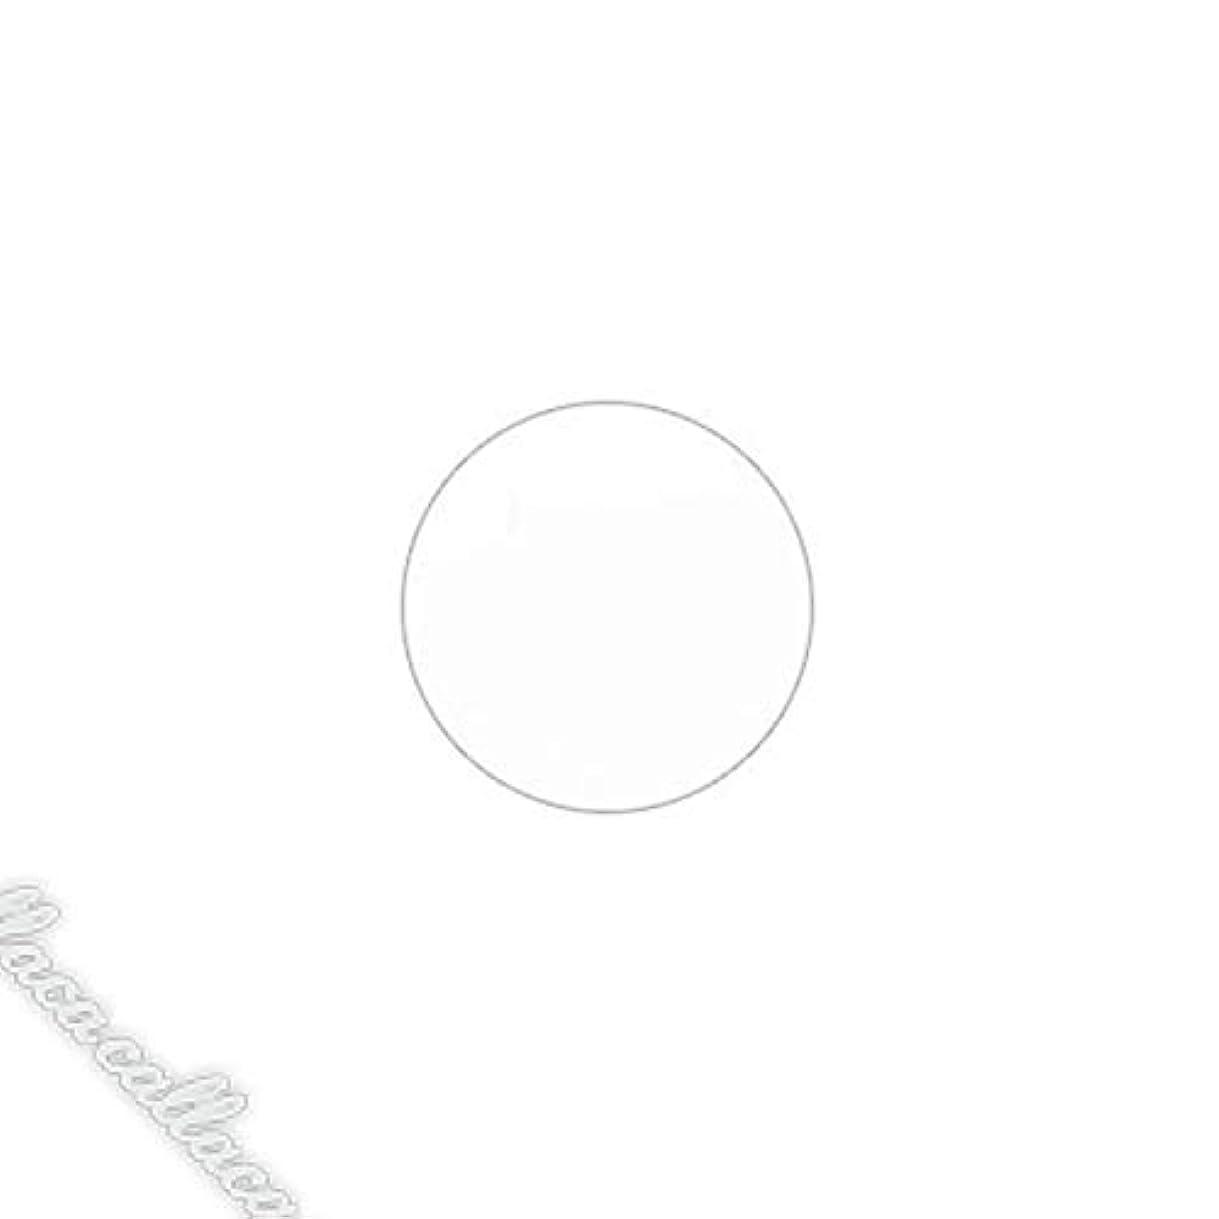 ロードブロッキング目立つ持続するPutiel カラージェル Liner01 ホワイト